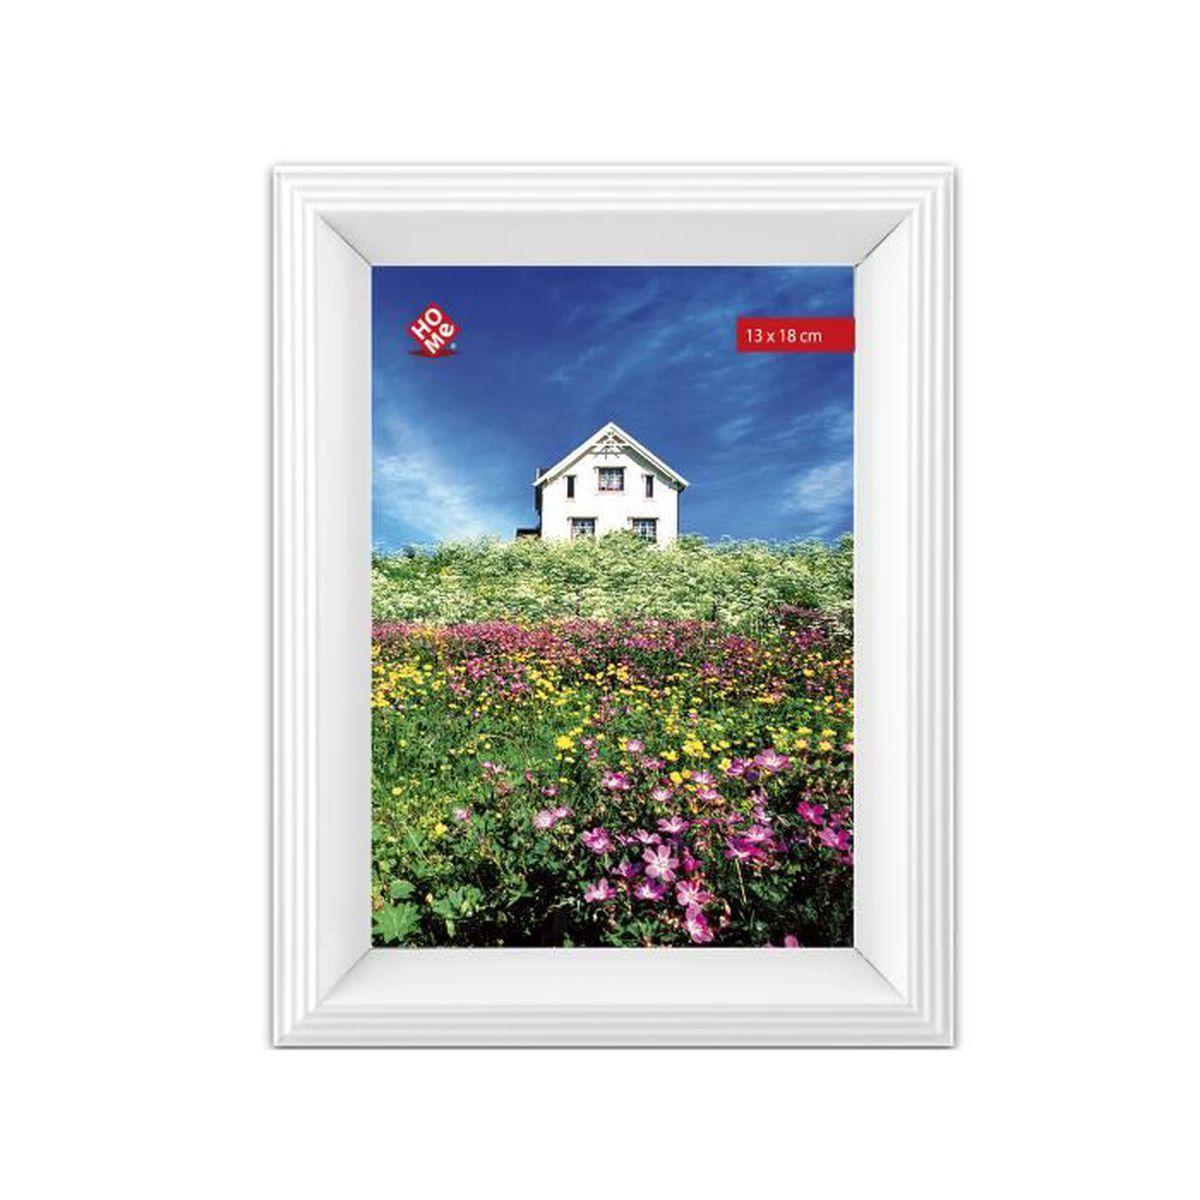 CADRE PHOTO Home Cadre photo Argent 9x13 cm Décorations